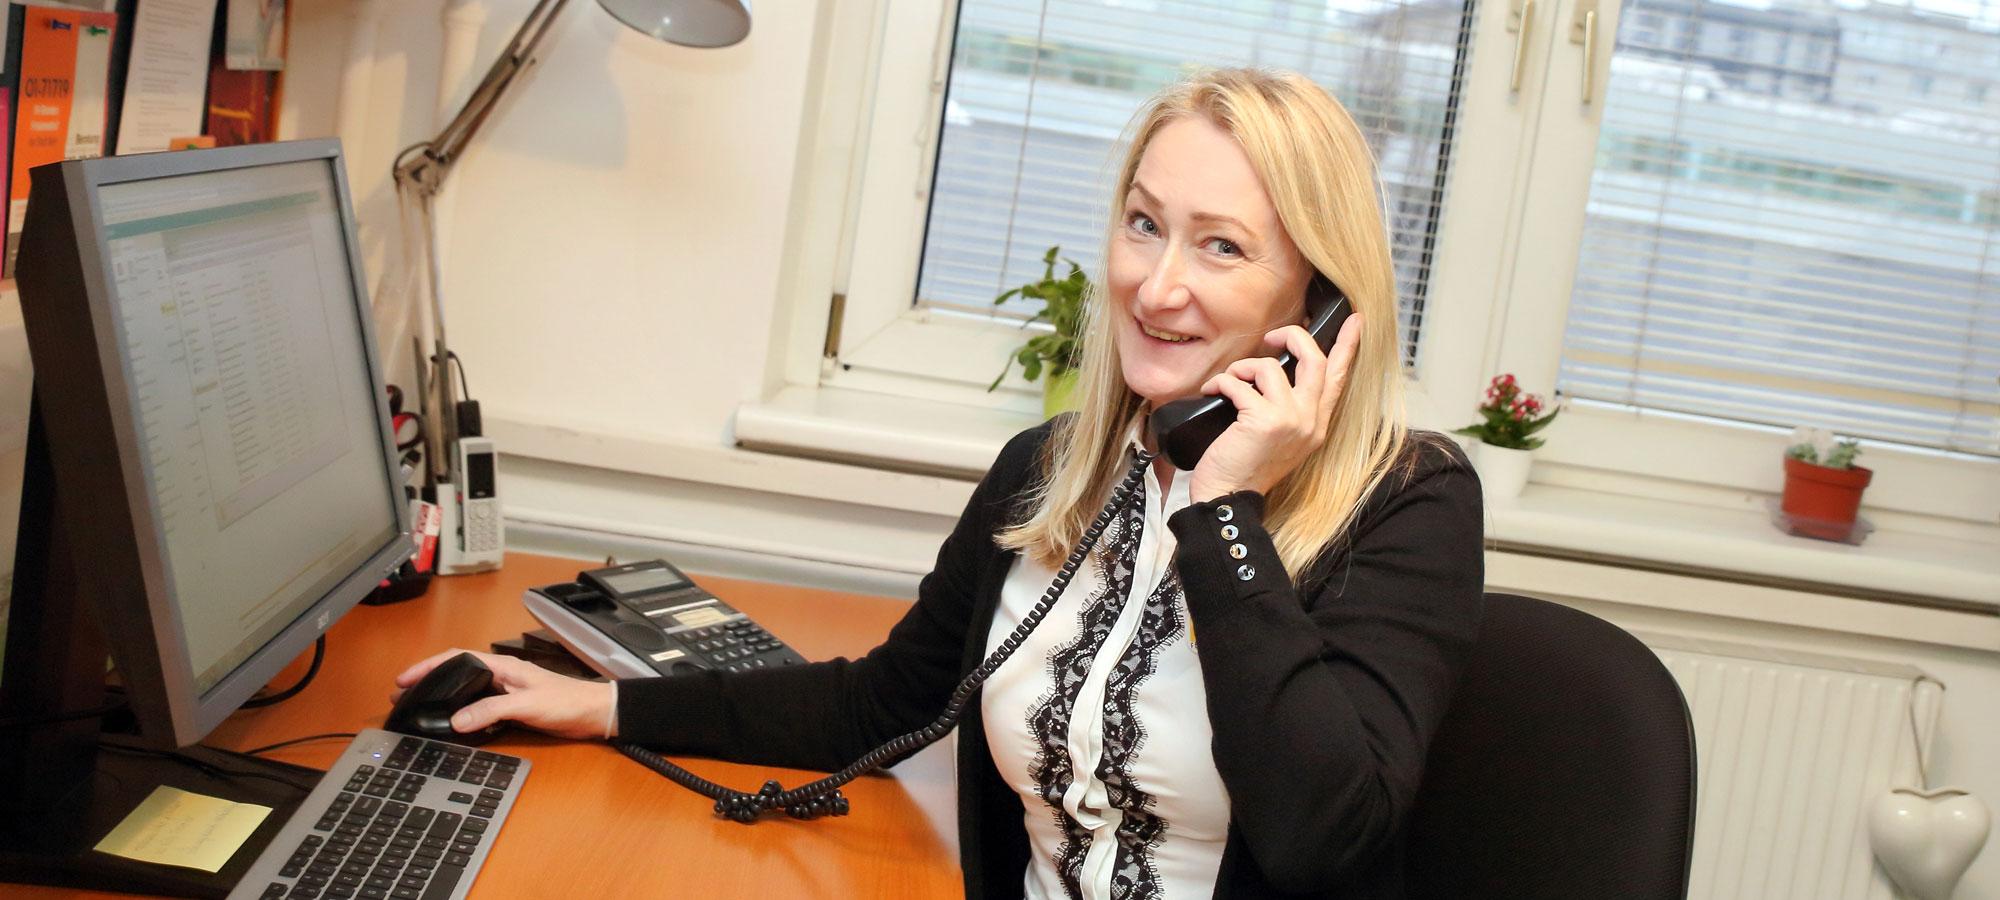 Frau am Telefon FEM Süd Empfang, © Sophie Tiller